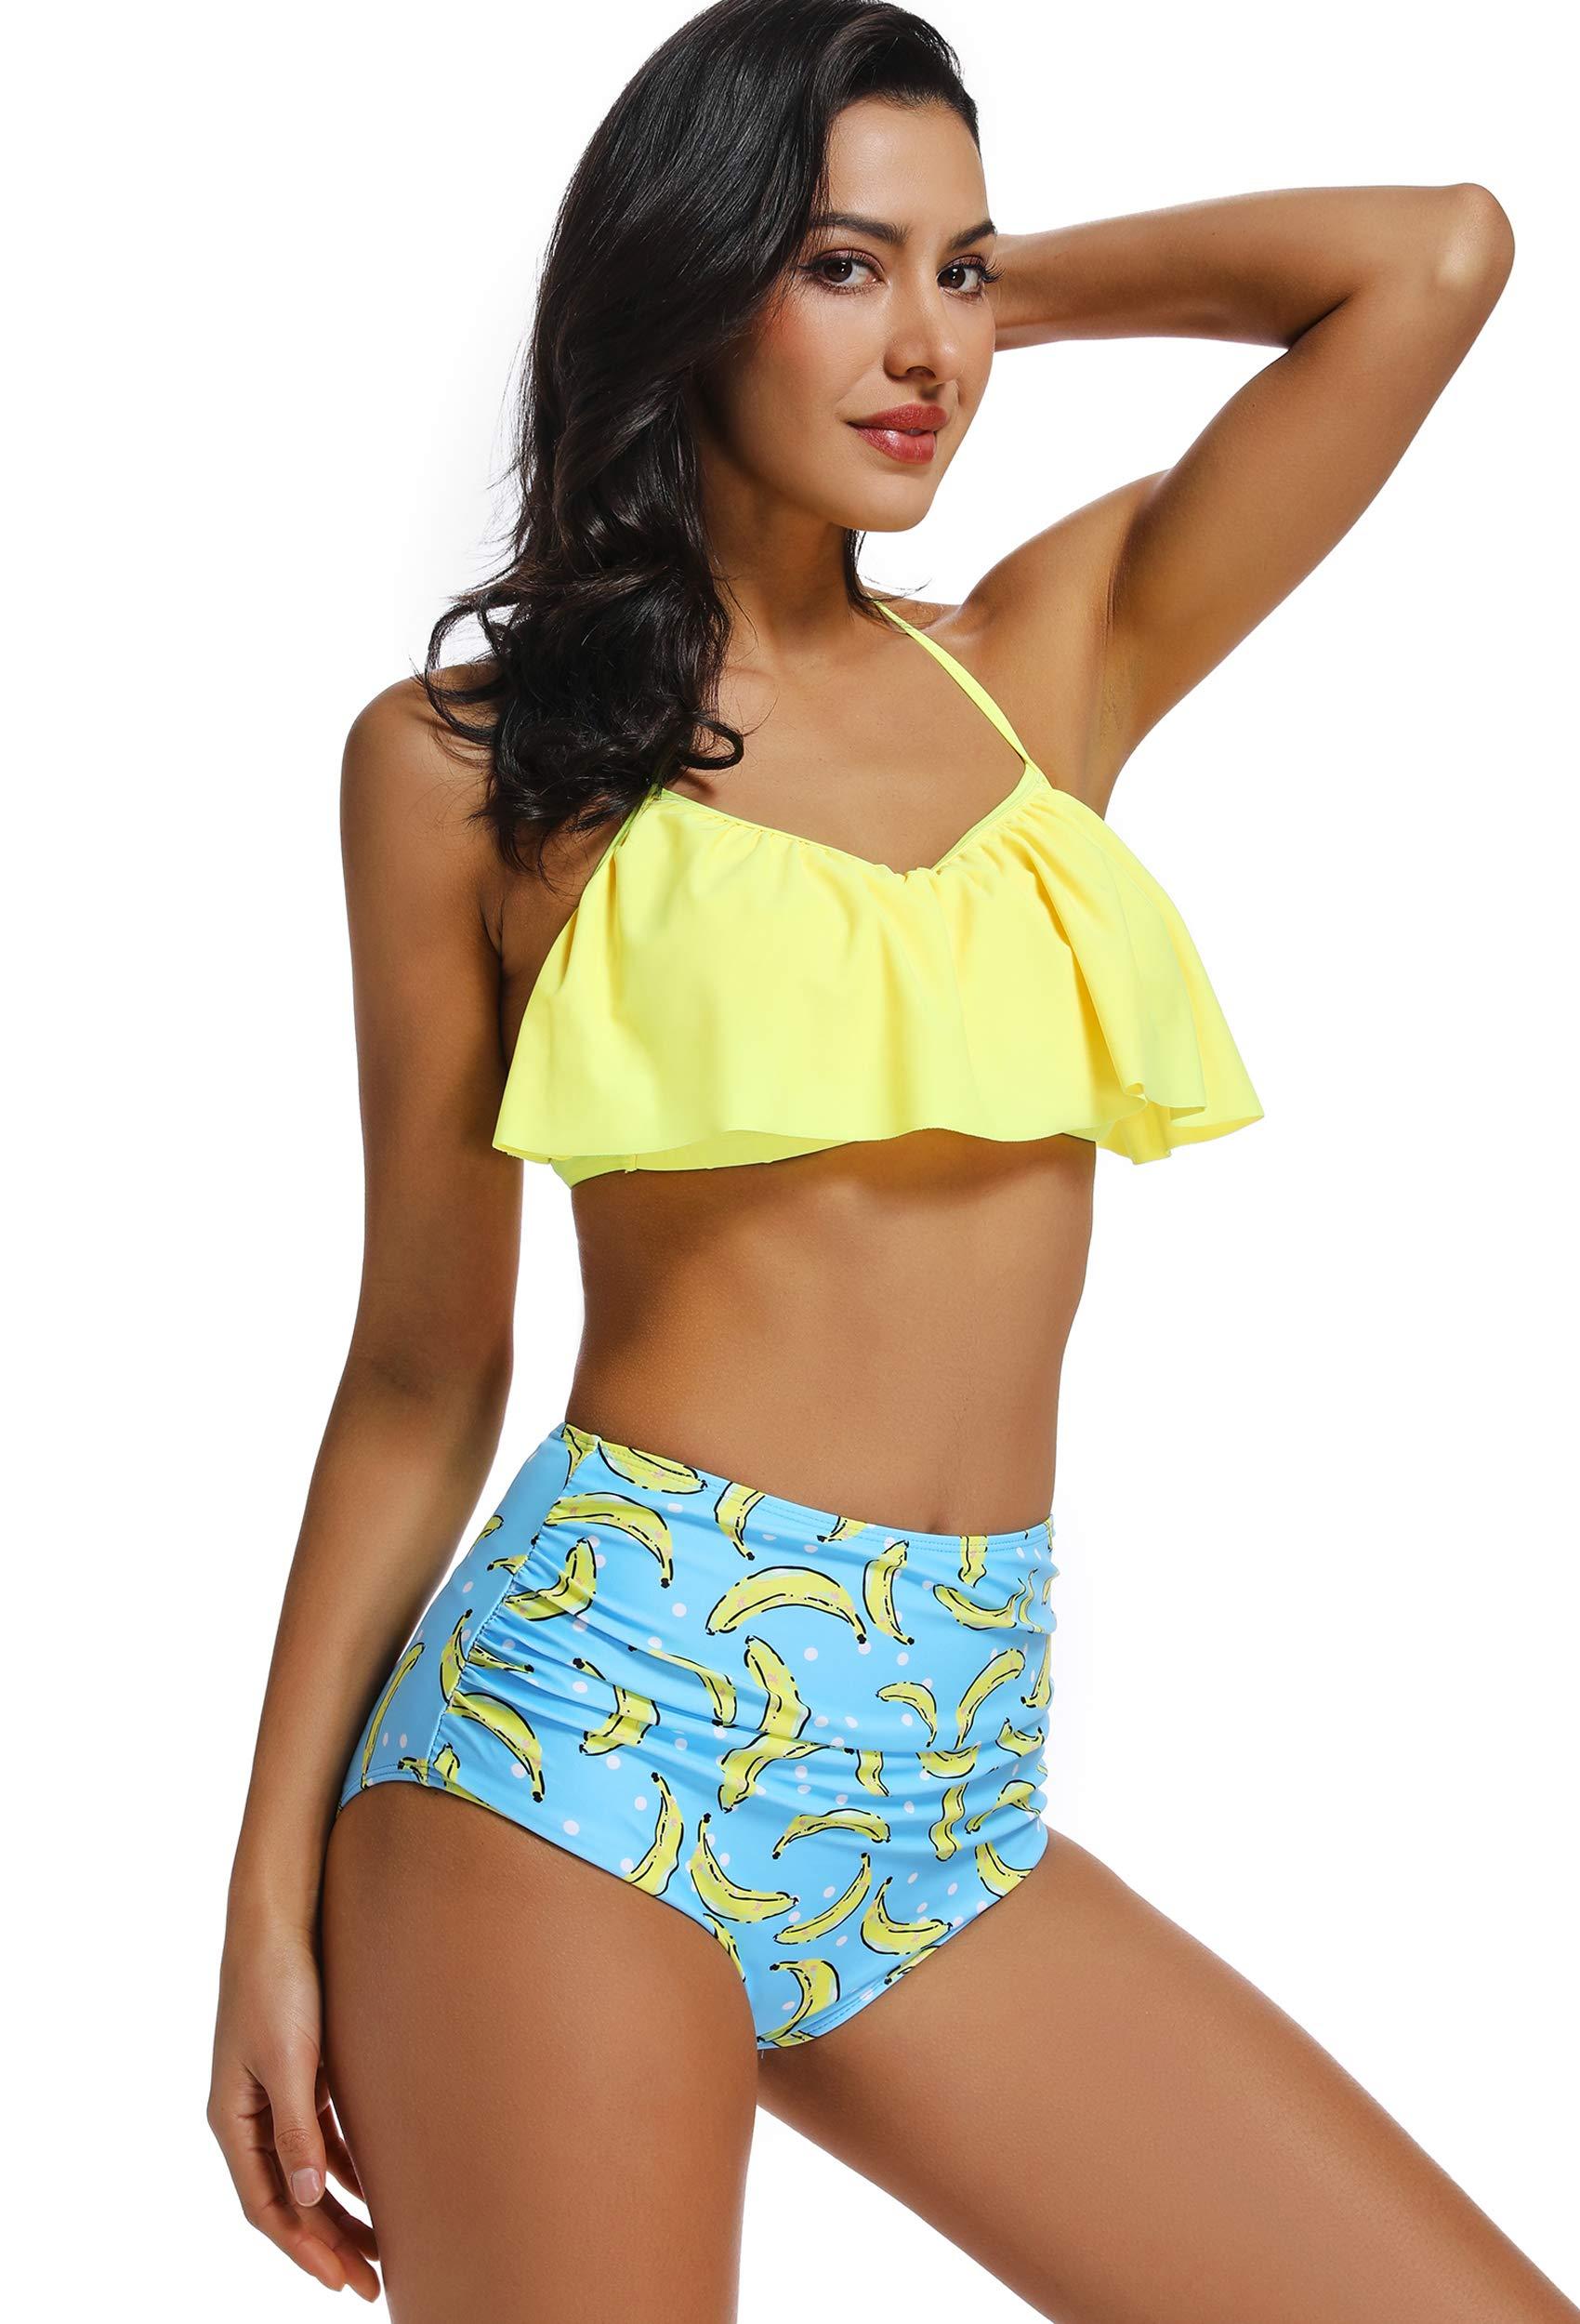 più economico 315c9 b3af9 INSTINNCT Costume da Bagno Bikini Volant Donna a 2 Pezzi con ...